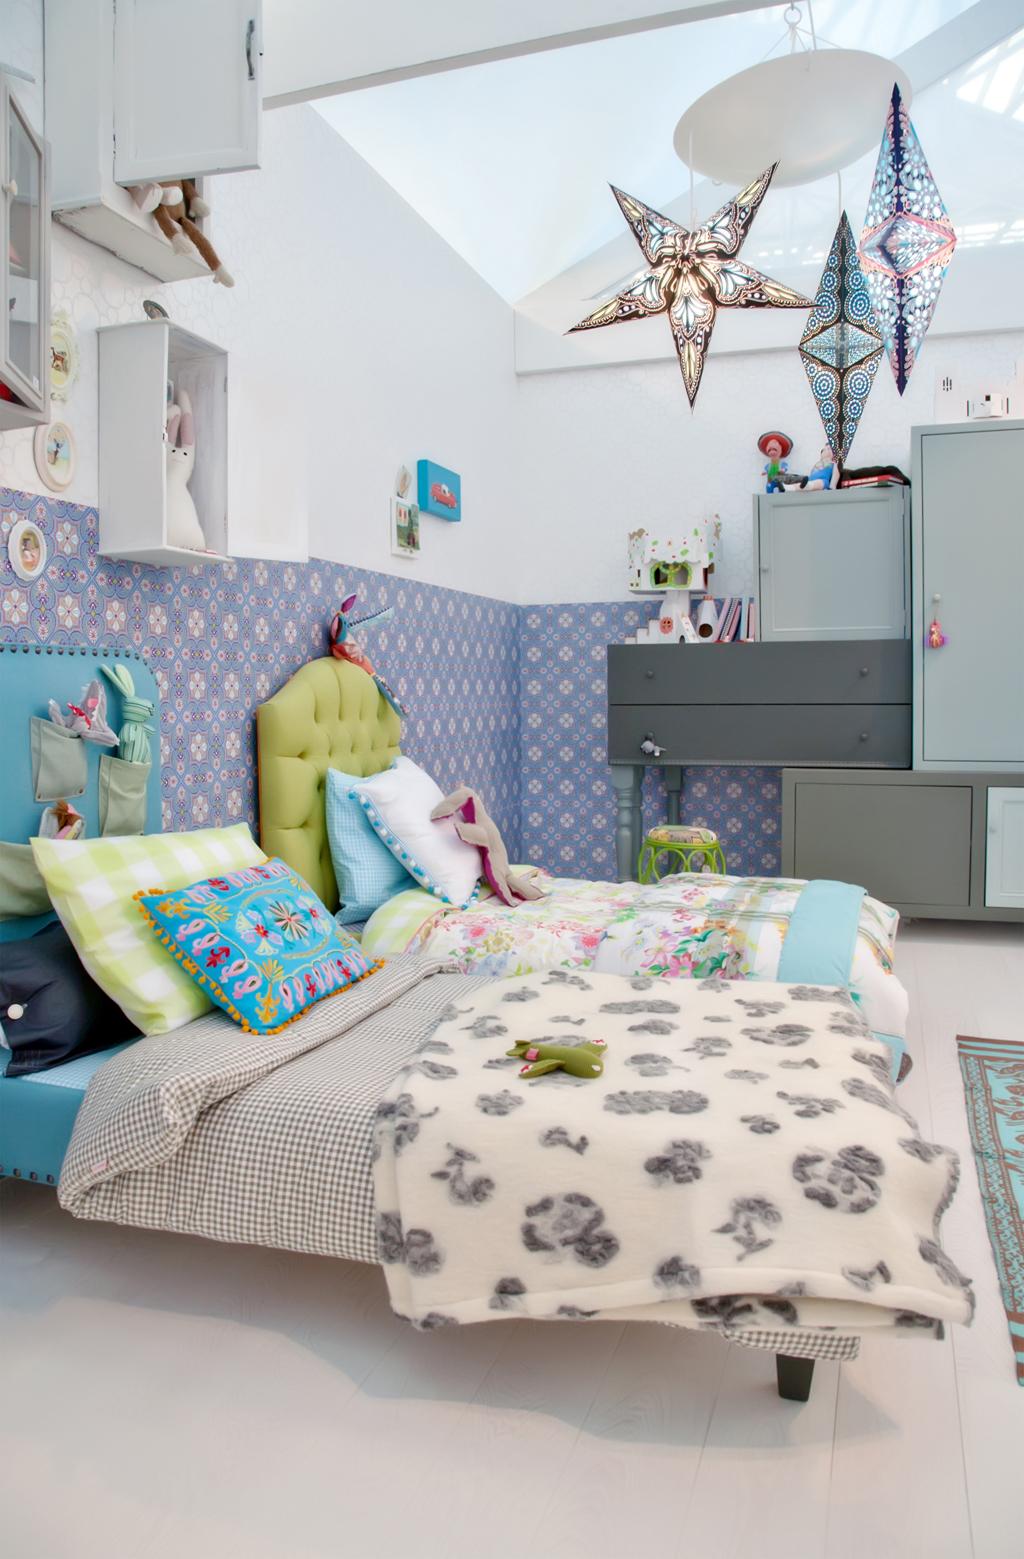 Hvězdný lustr a čalouněné postele